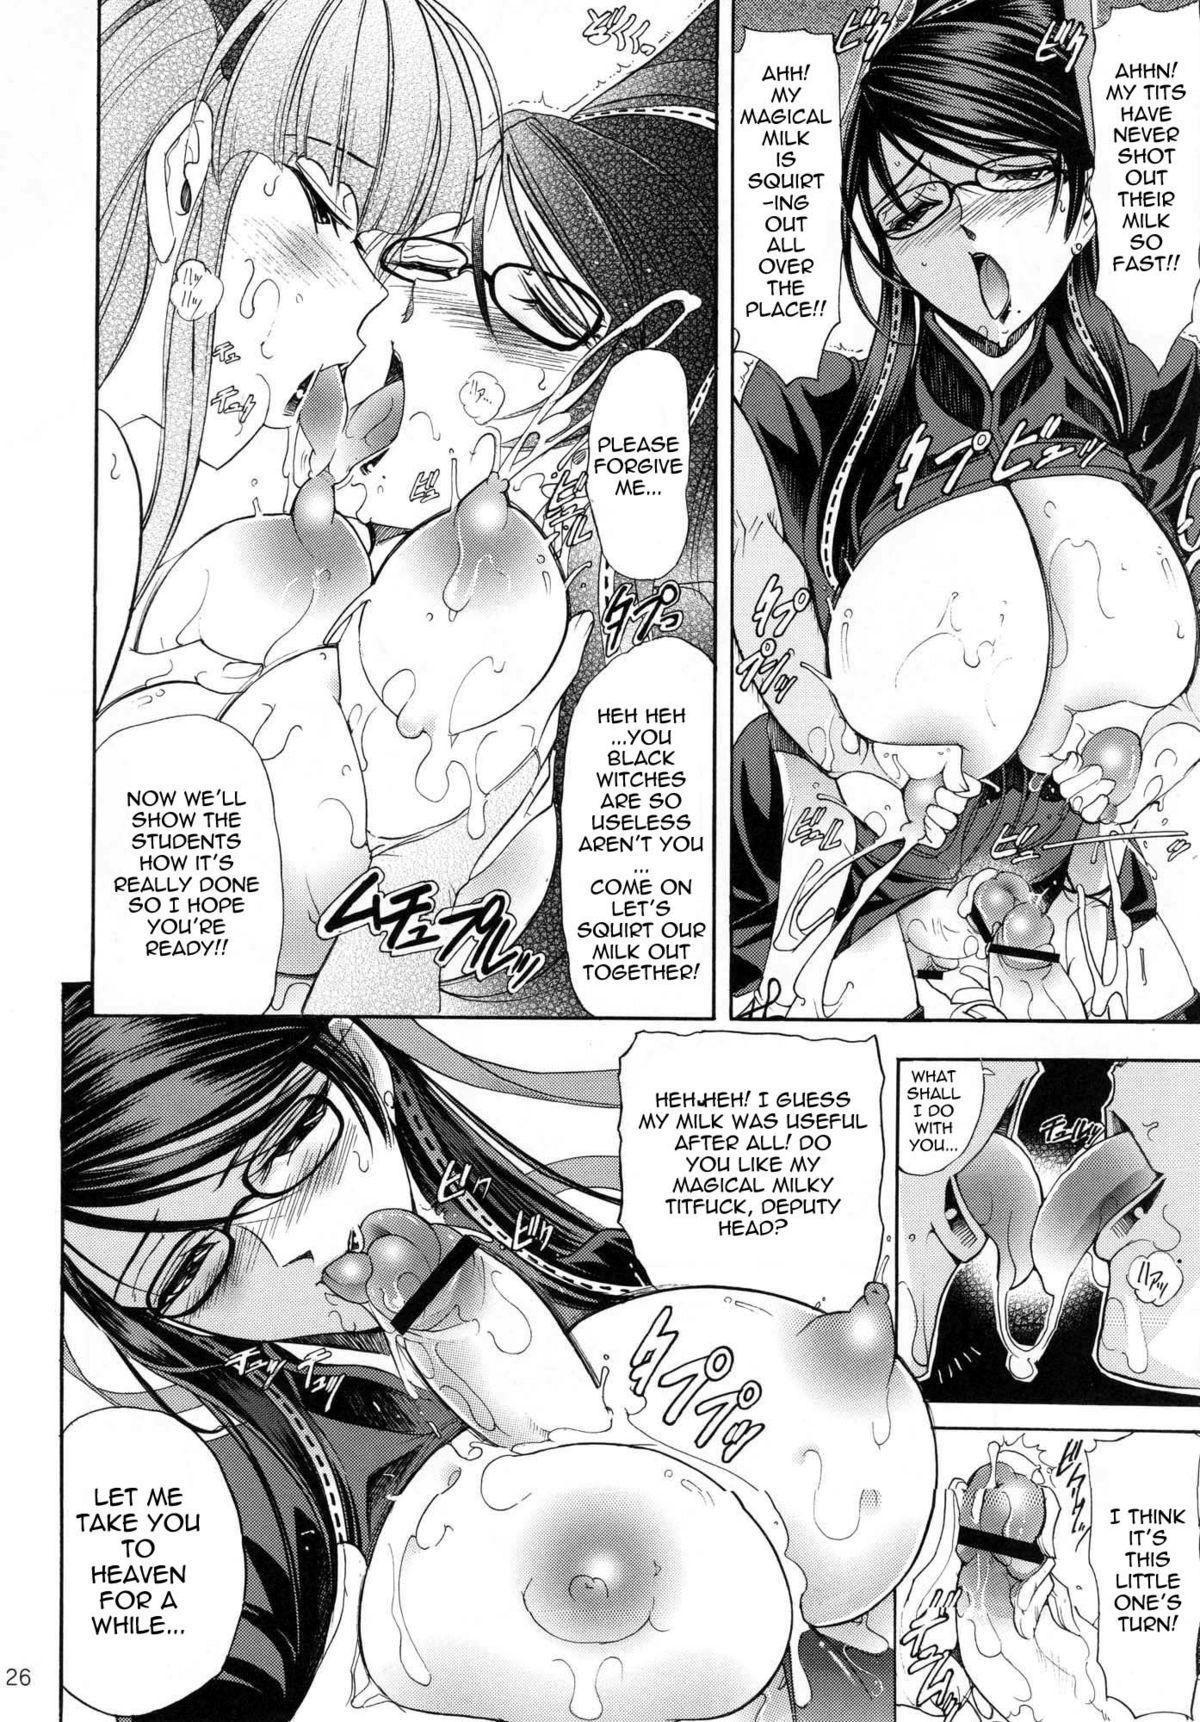 (C77) [Kawaraya Honpo (Kawaraya A-ta)] Hana - Maki no Juukyuu - Kuroki Hana (Bayonetta, Street Fighter, Darkstalkers) [English] {doujin-moe.us} 24